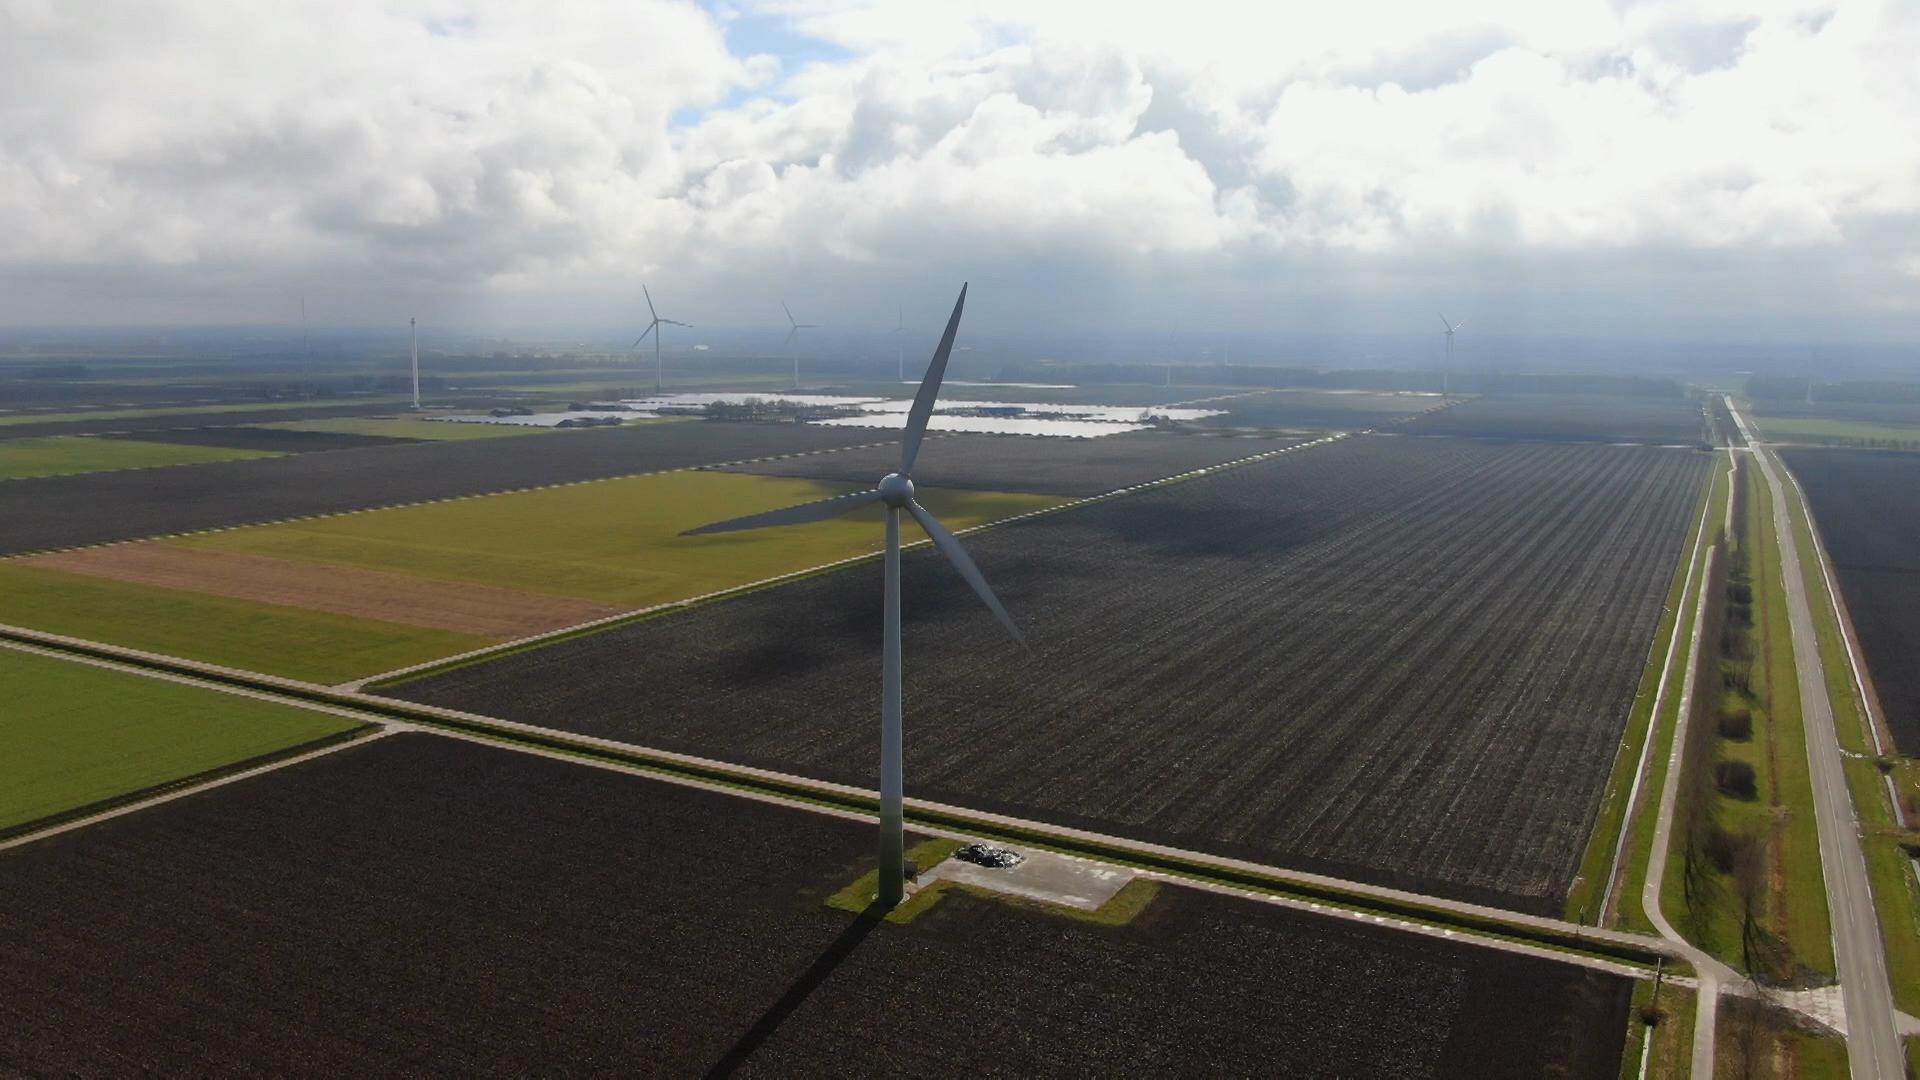 PAMETNA NIZOZEMSKA: Tehnologija je dobrodošla na farmama budućnosti u Nizozemskoj